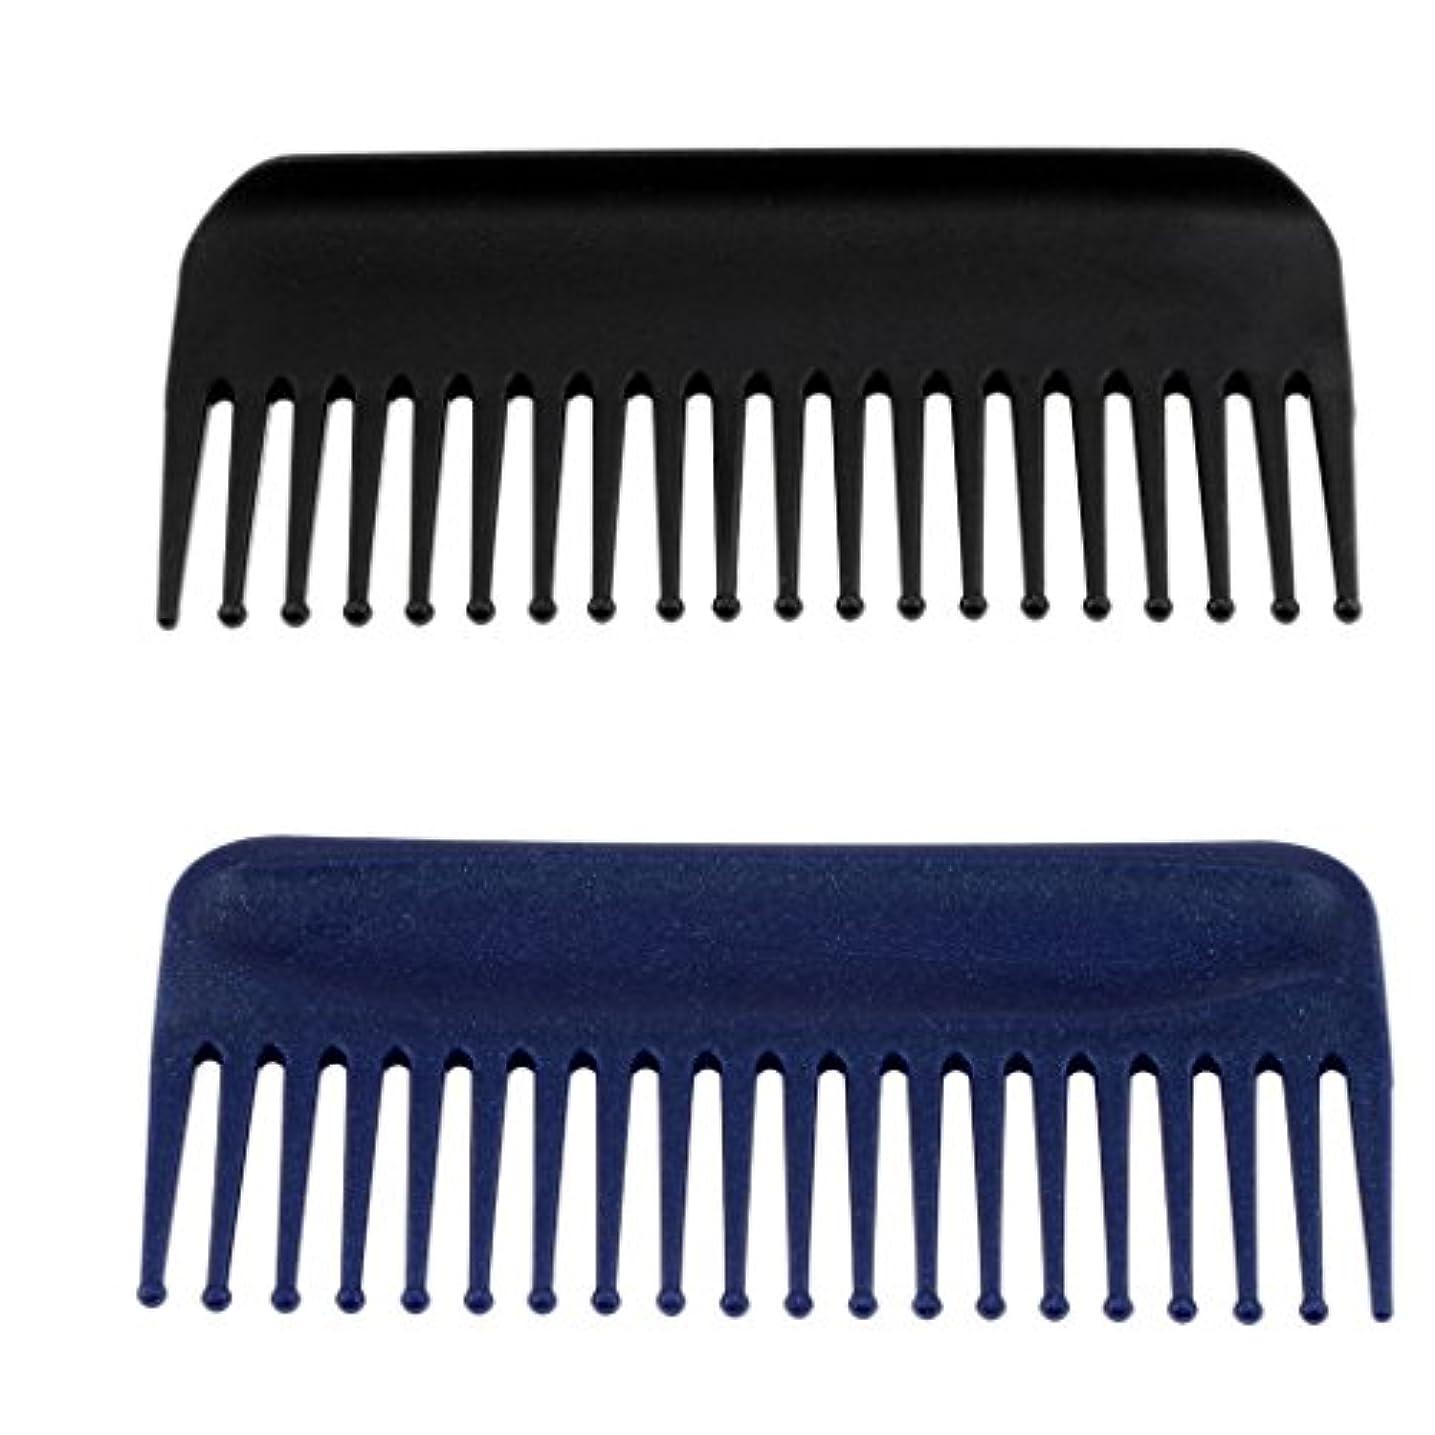 トレイ風変わりな詳細にコーム 櫛 ヘアコーム ヘアブラシ マッサージ 美髪ケア 快適 プラスチック製 2個